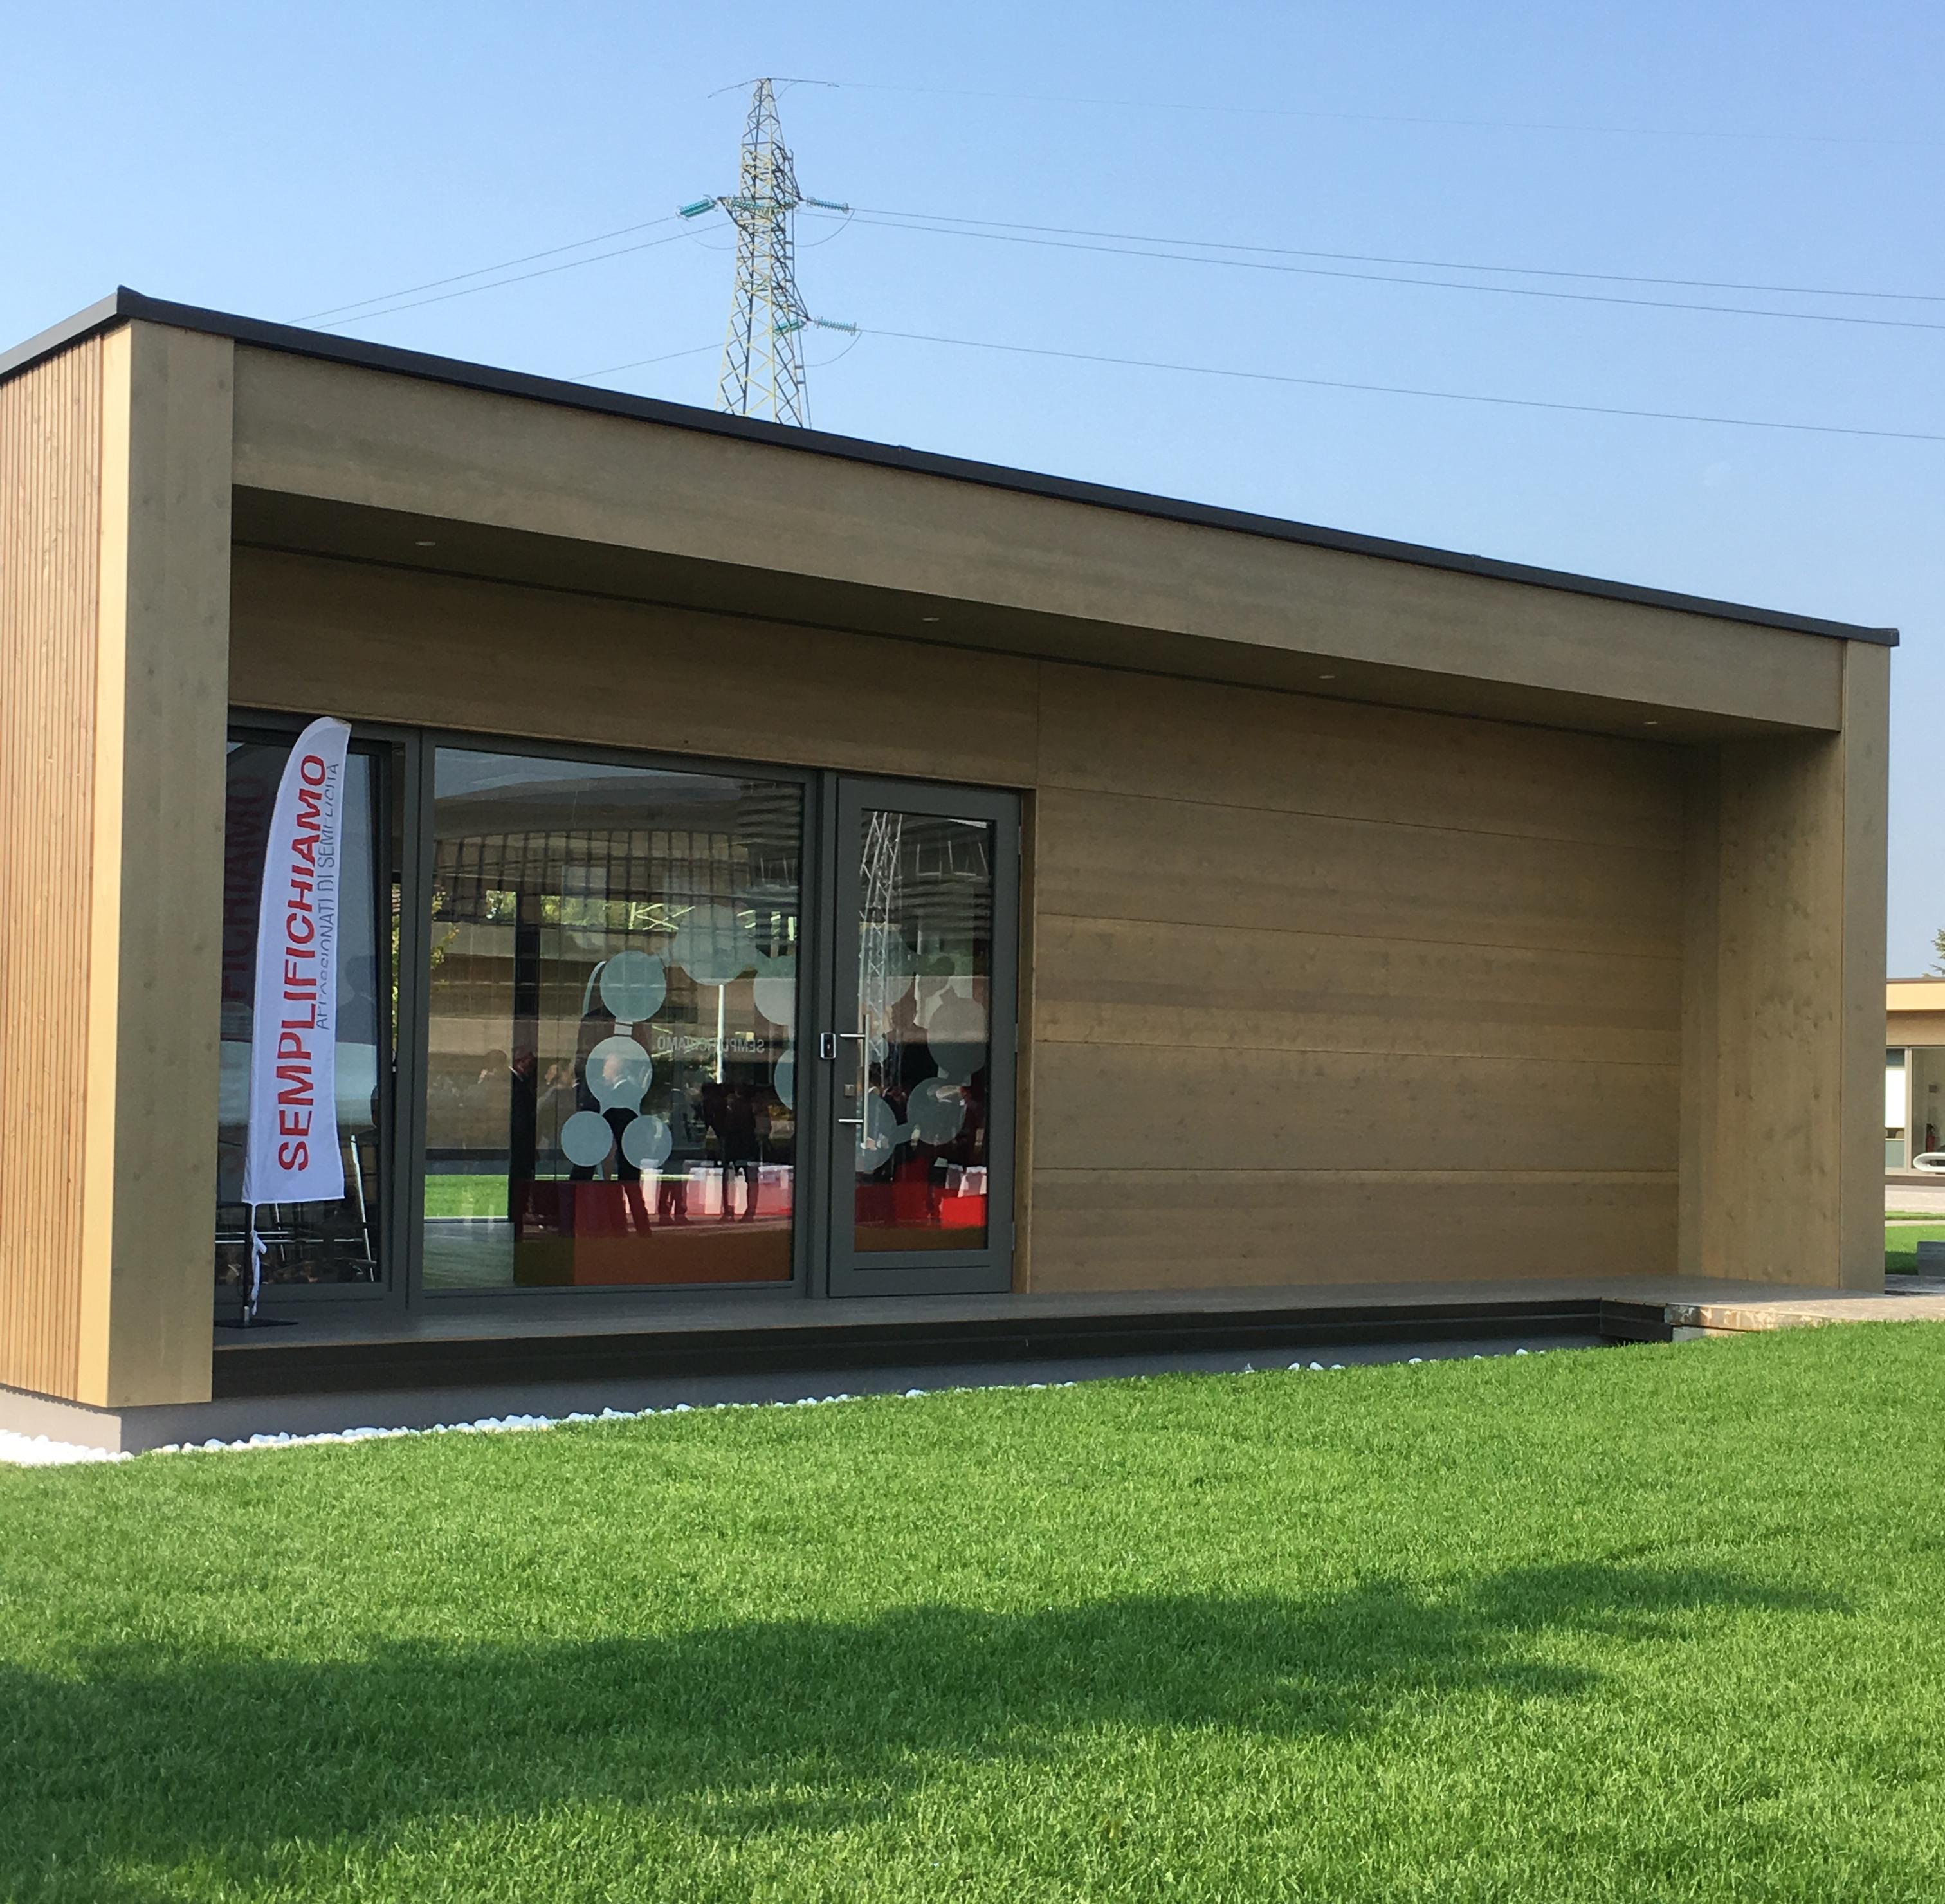 Una delle 6 casette dell'Innovation Park